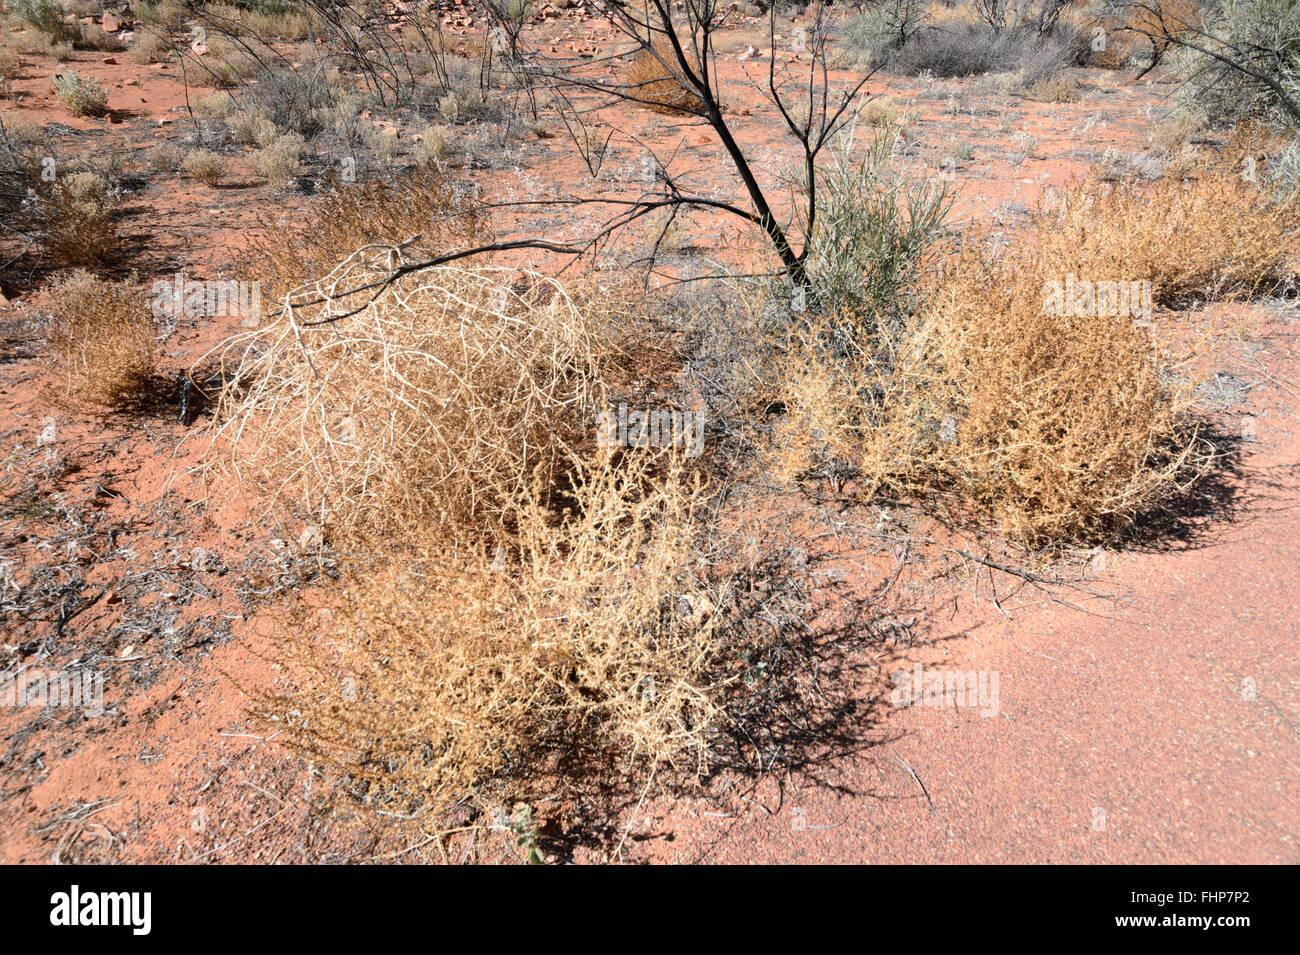 La végétation du désert, Territoire du Nord, Australie Photo Stock